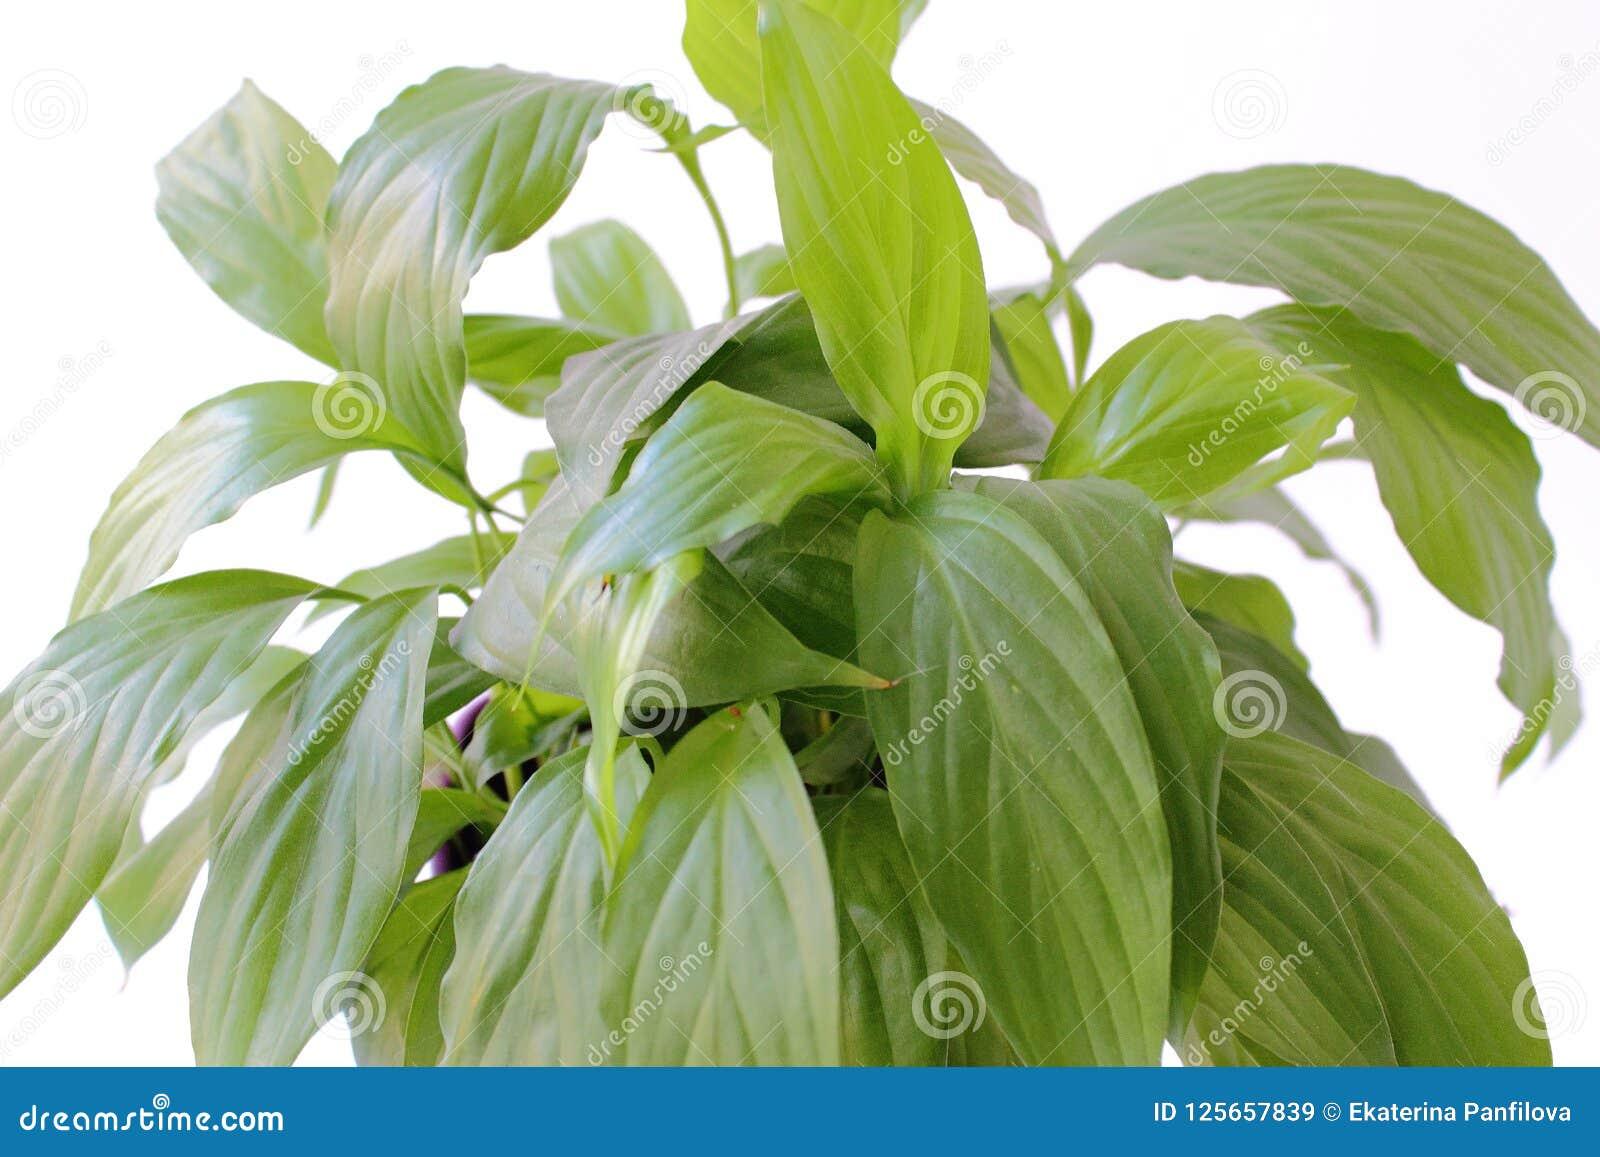 Foto Piante Da Appartamento Verdi piante da appartamento: grande piano verde di spathiphyllum